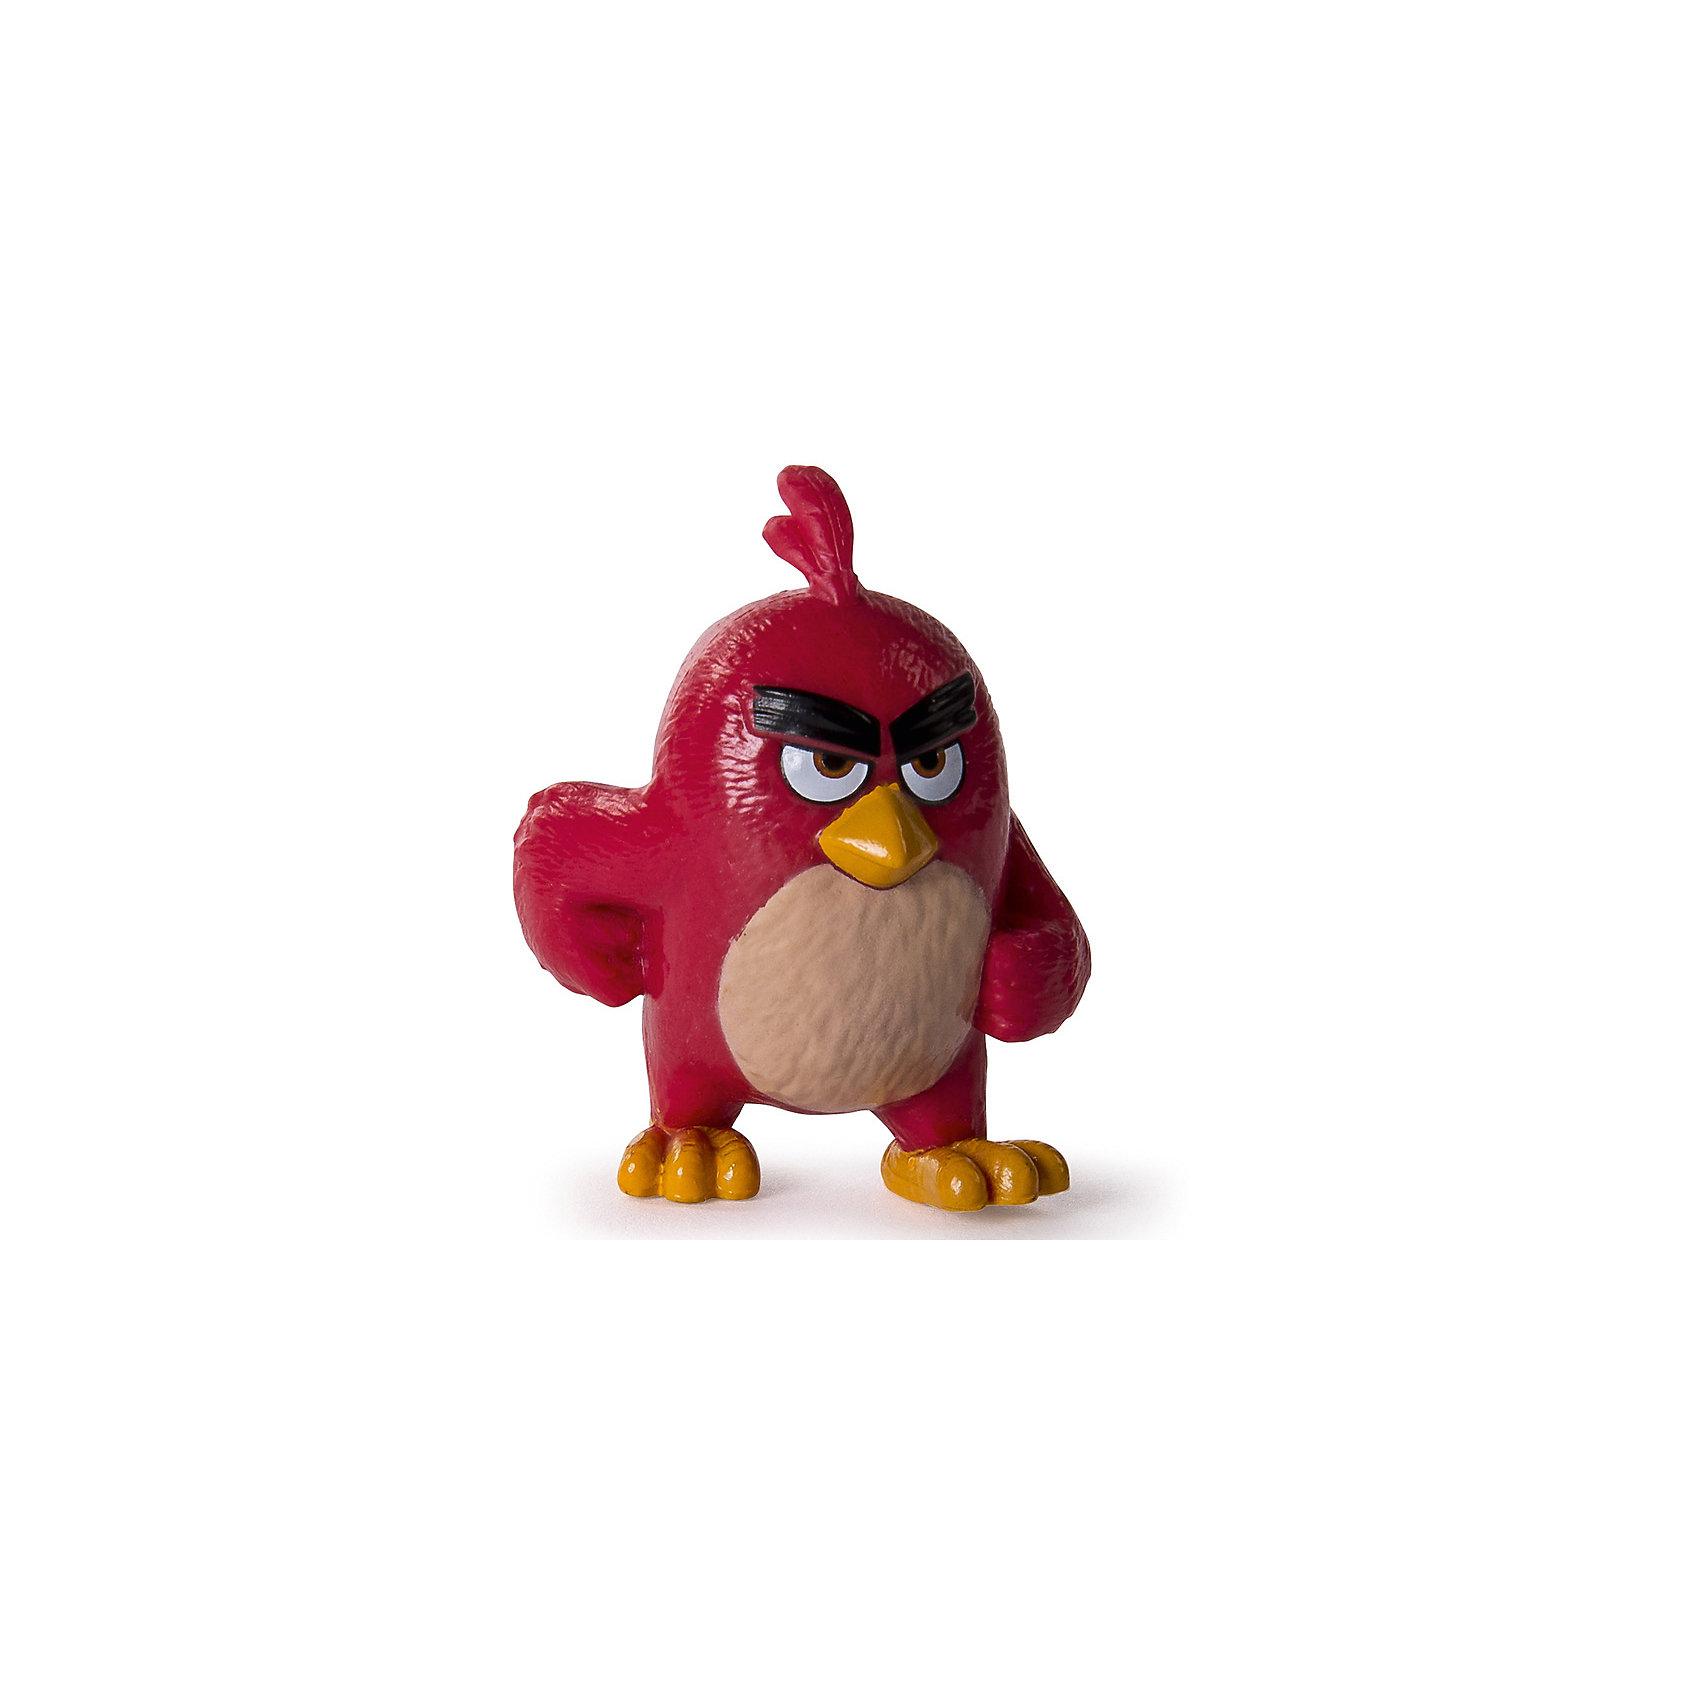 Коллекционная фигурка Сердитая птичка, Angry Birds, 90501/40073074Мини фигурки – герои мультфильма Angry Birds.  Ярко выраженные характеры героев. Размер 5см. 12 видов в ассортименте<br><br>Ширина мм: 45<br>Глубина мм: 131<br>Высота мм: 123<br>Вес г: 23<br>Возраст от месяцев: 96<br>Возраст до месяцев: 156<br>Пол: Мужской<br>Возраст: Детский<br>SKU: 4835995